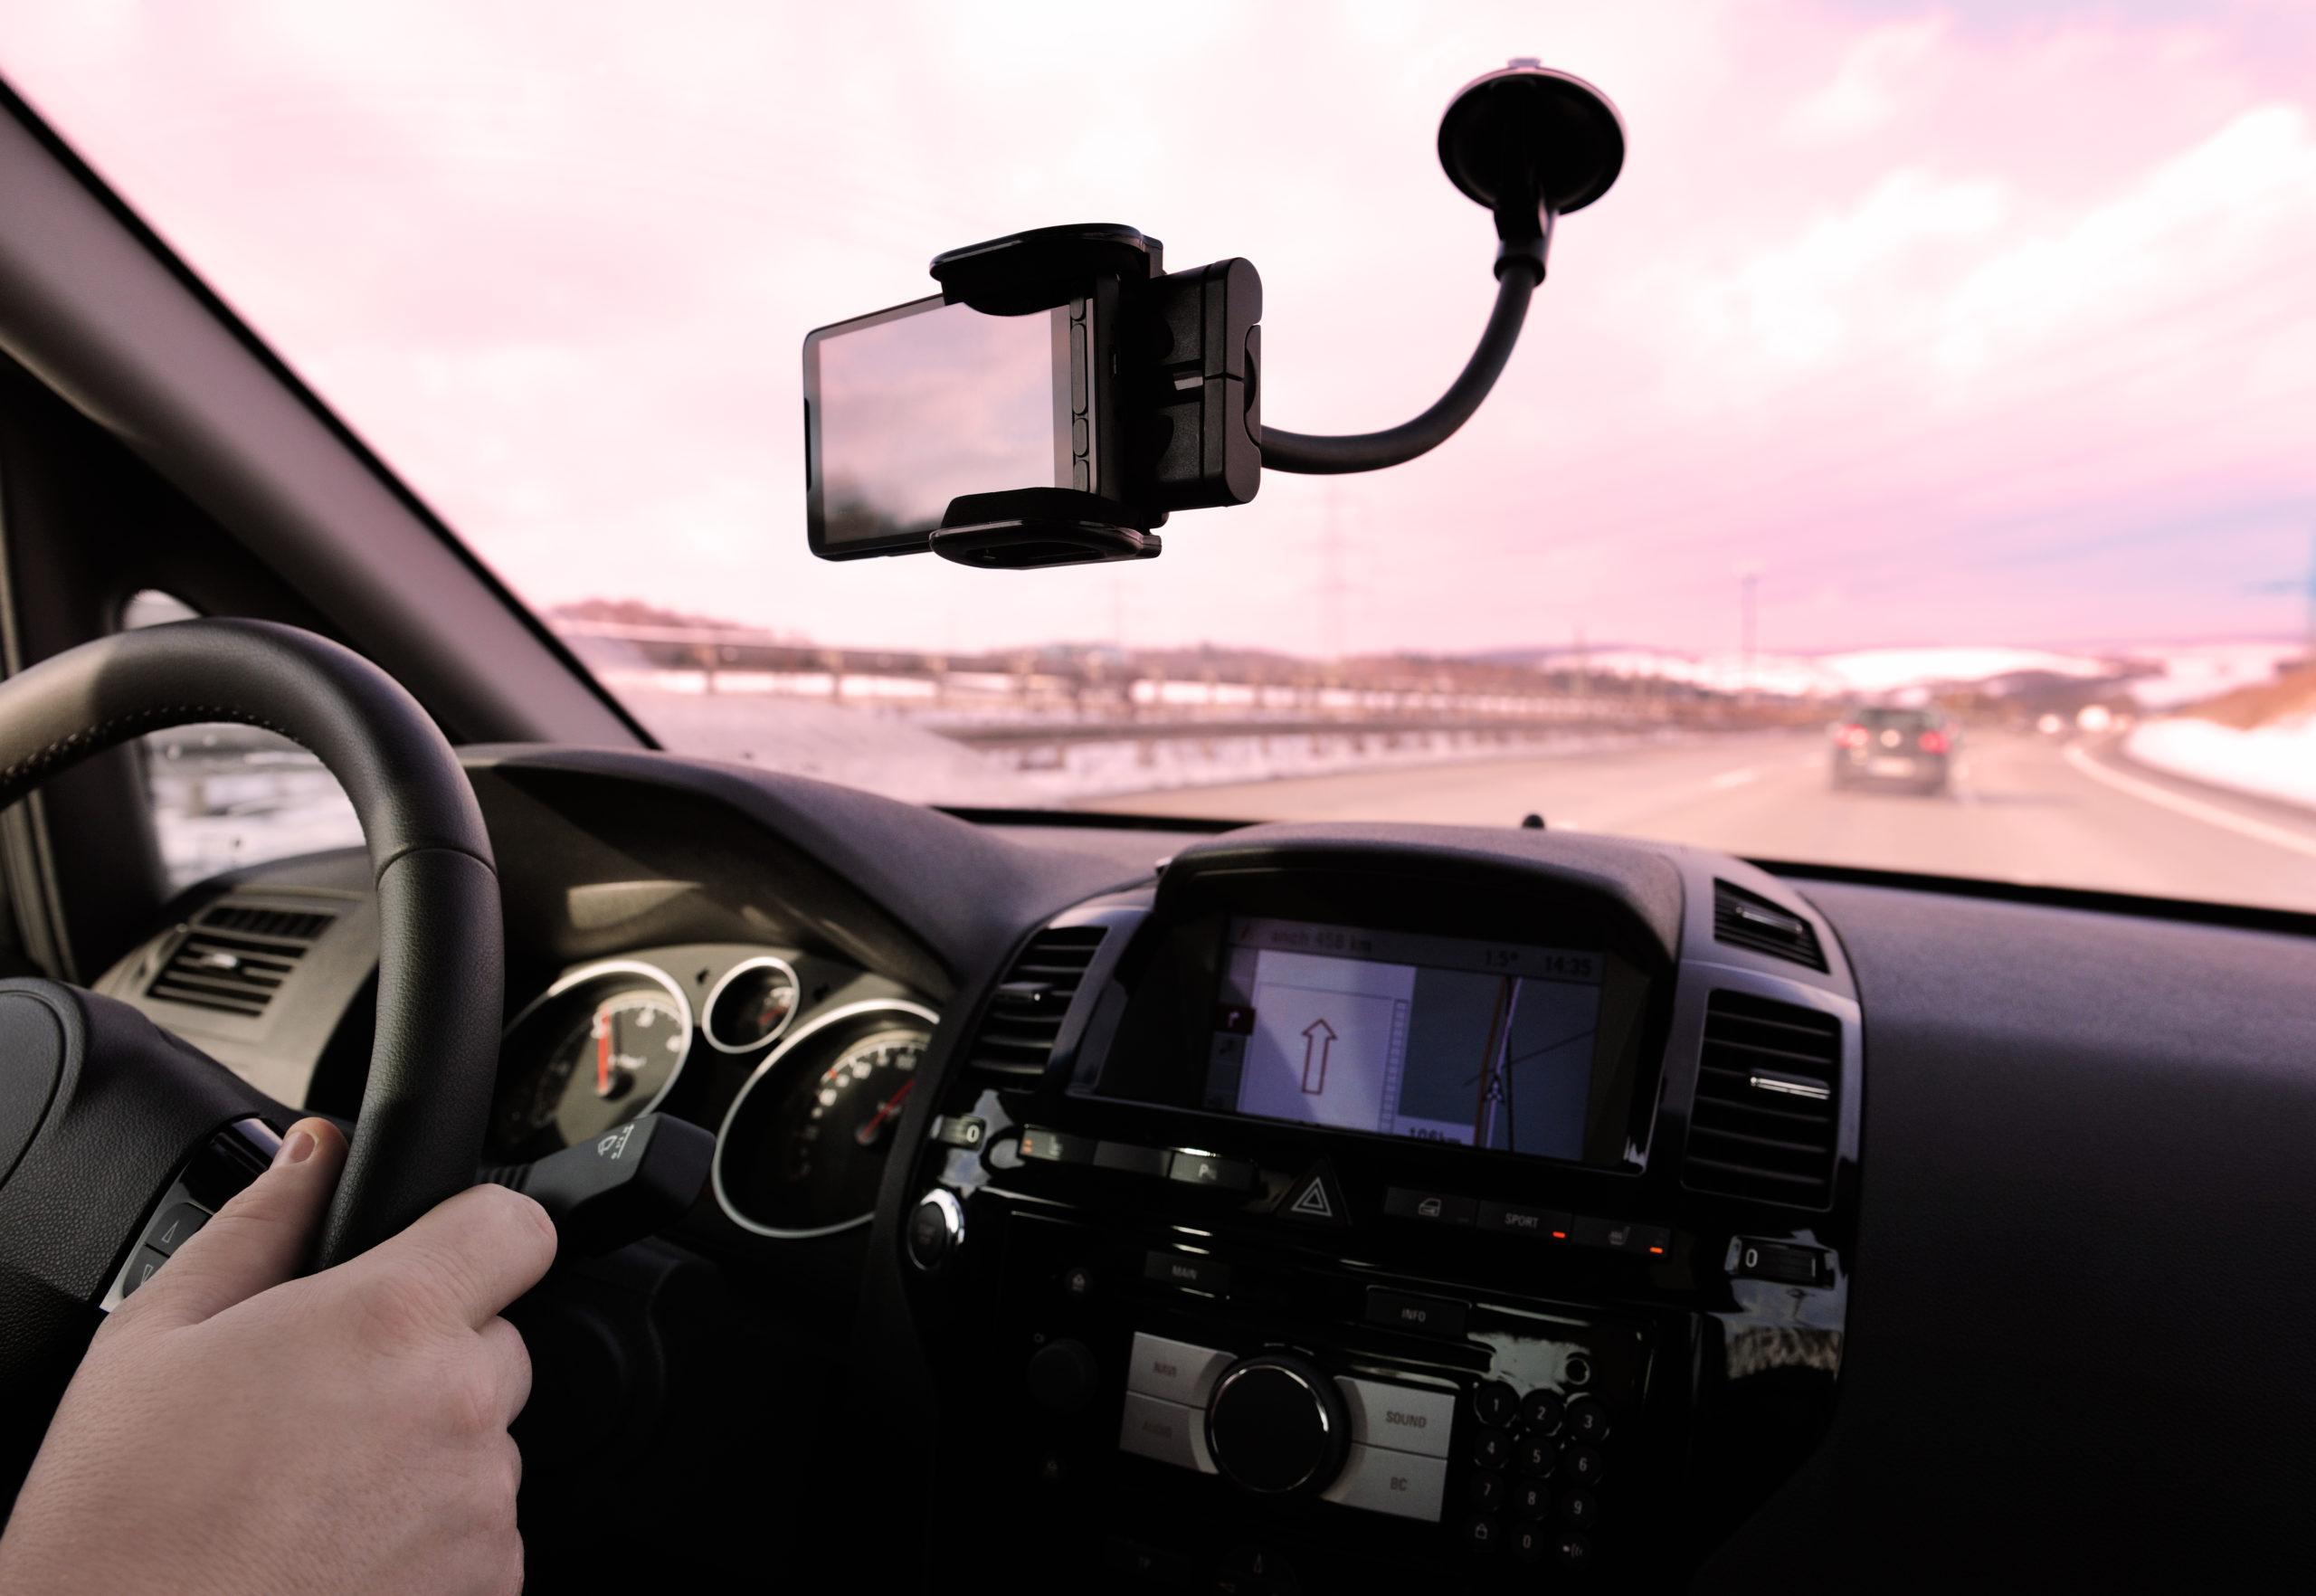 Schon heute ist absehbar, wie das Auto der Zukunft ausschauen wird. Foto: annakhomulo via Envato